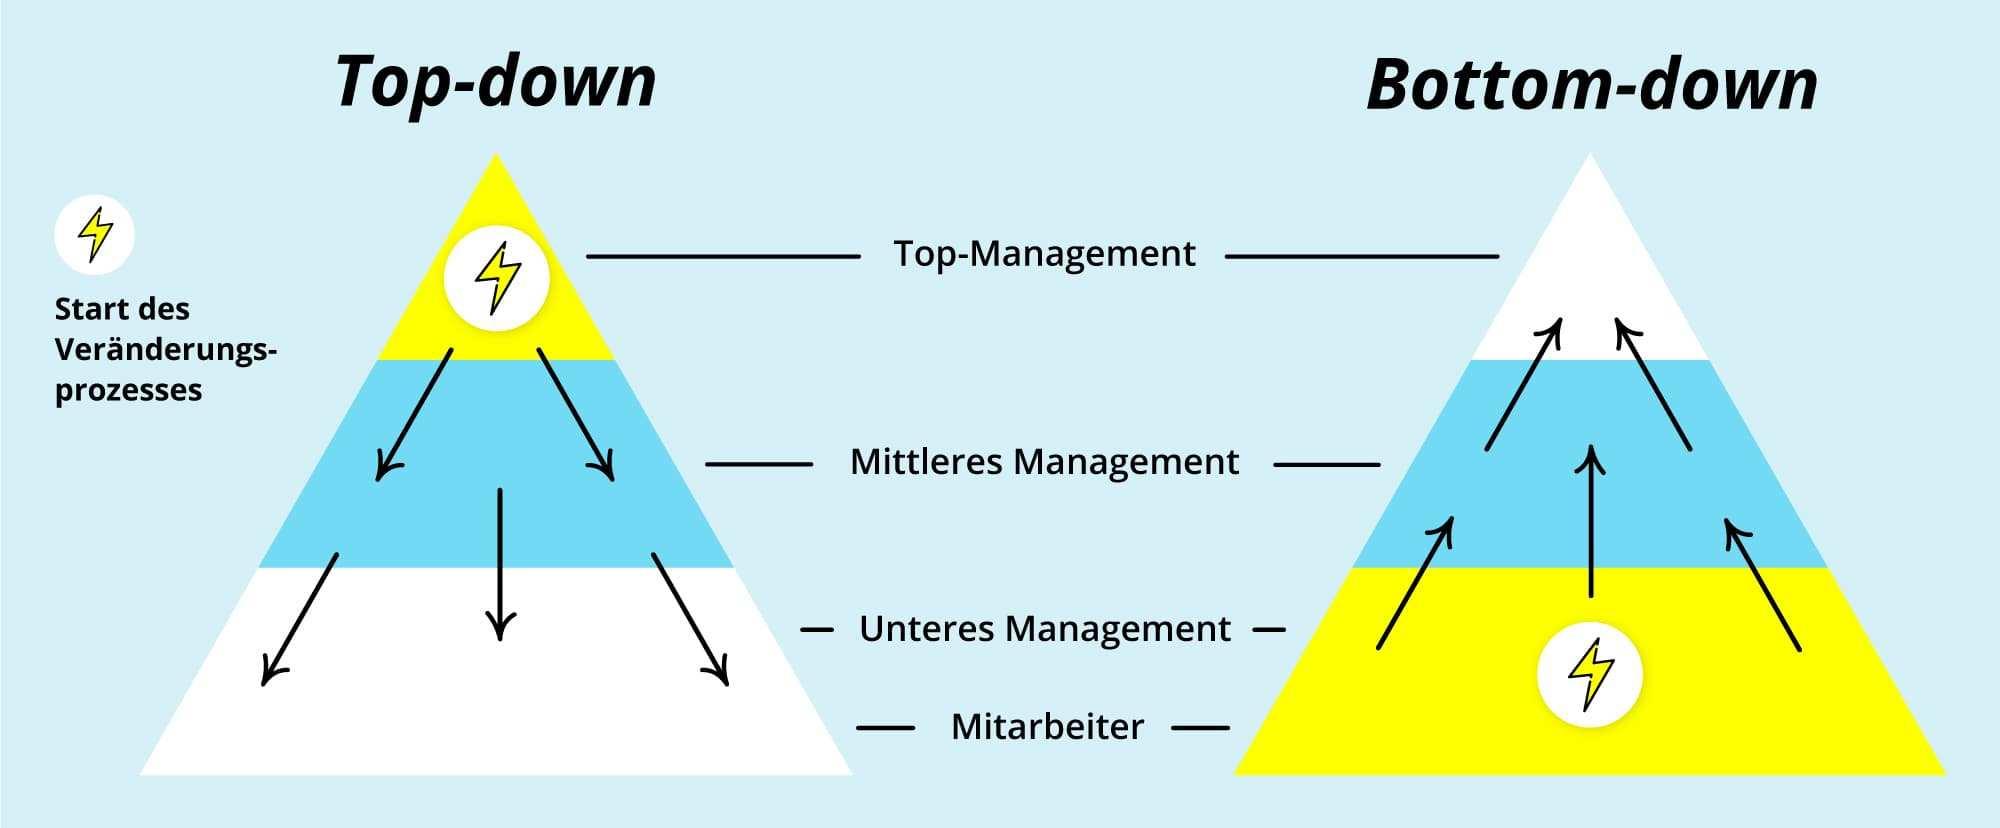 Organisationsentwicklung Erklarung Tipps Fur Die Praxis Personio